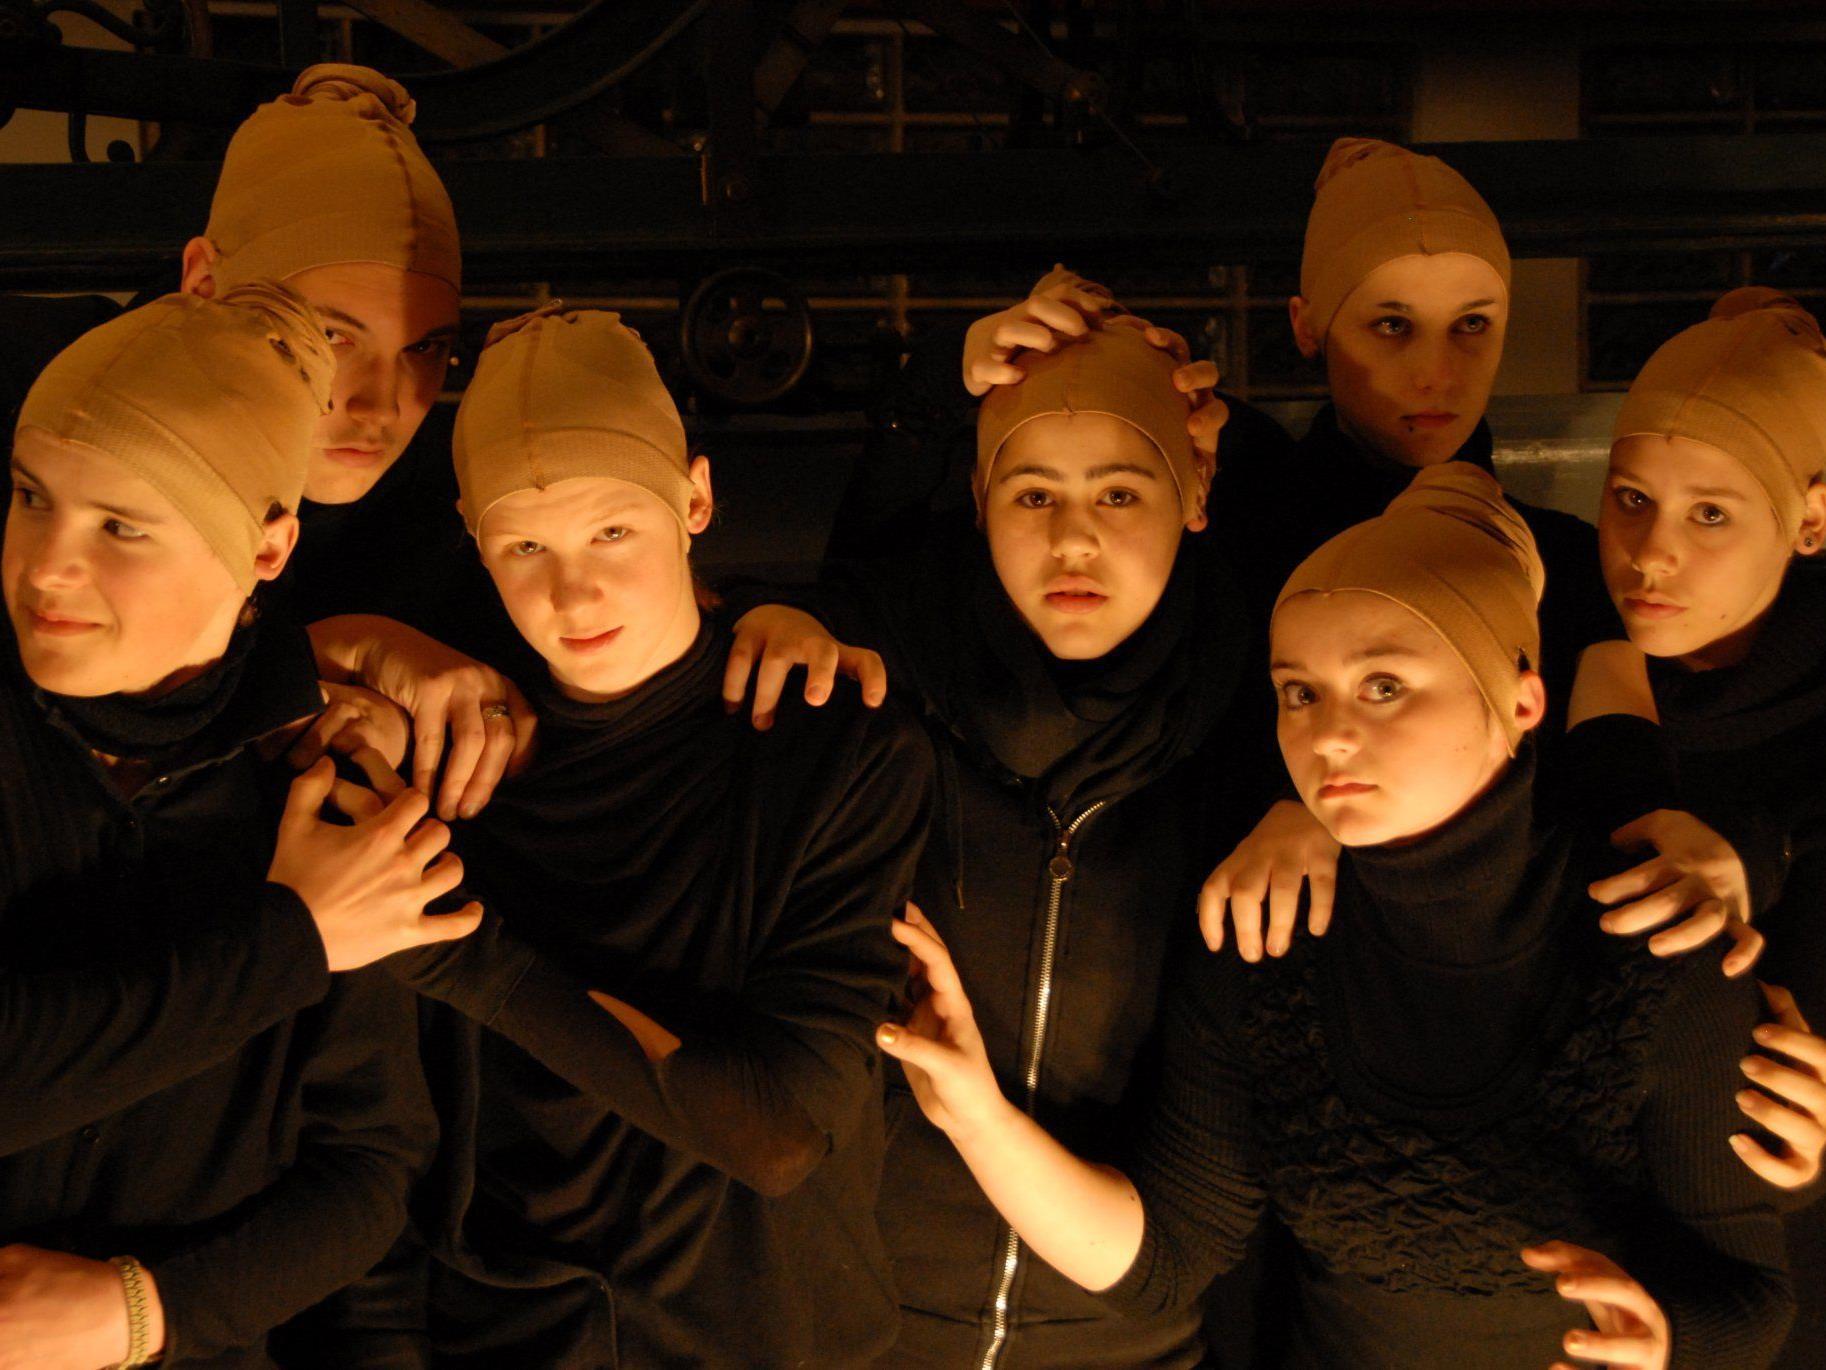 """Um Körperkult und Körperideale geht es im Theaterstück """"HAUT"""", das am 20. April in Lustenau Premiere feiert."""